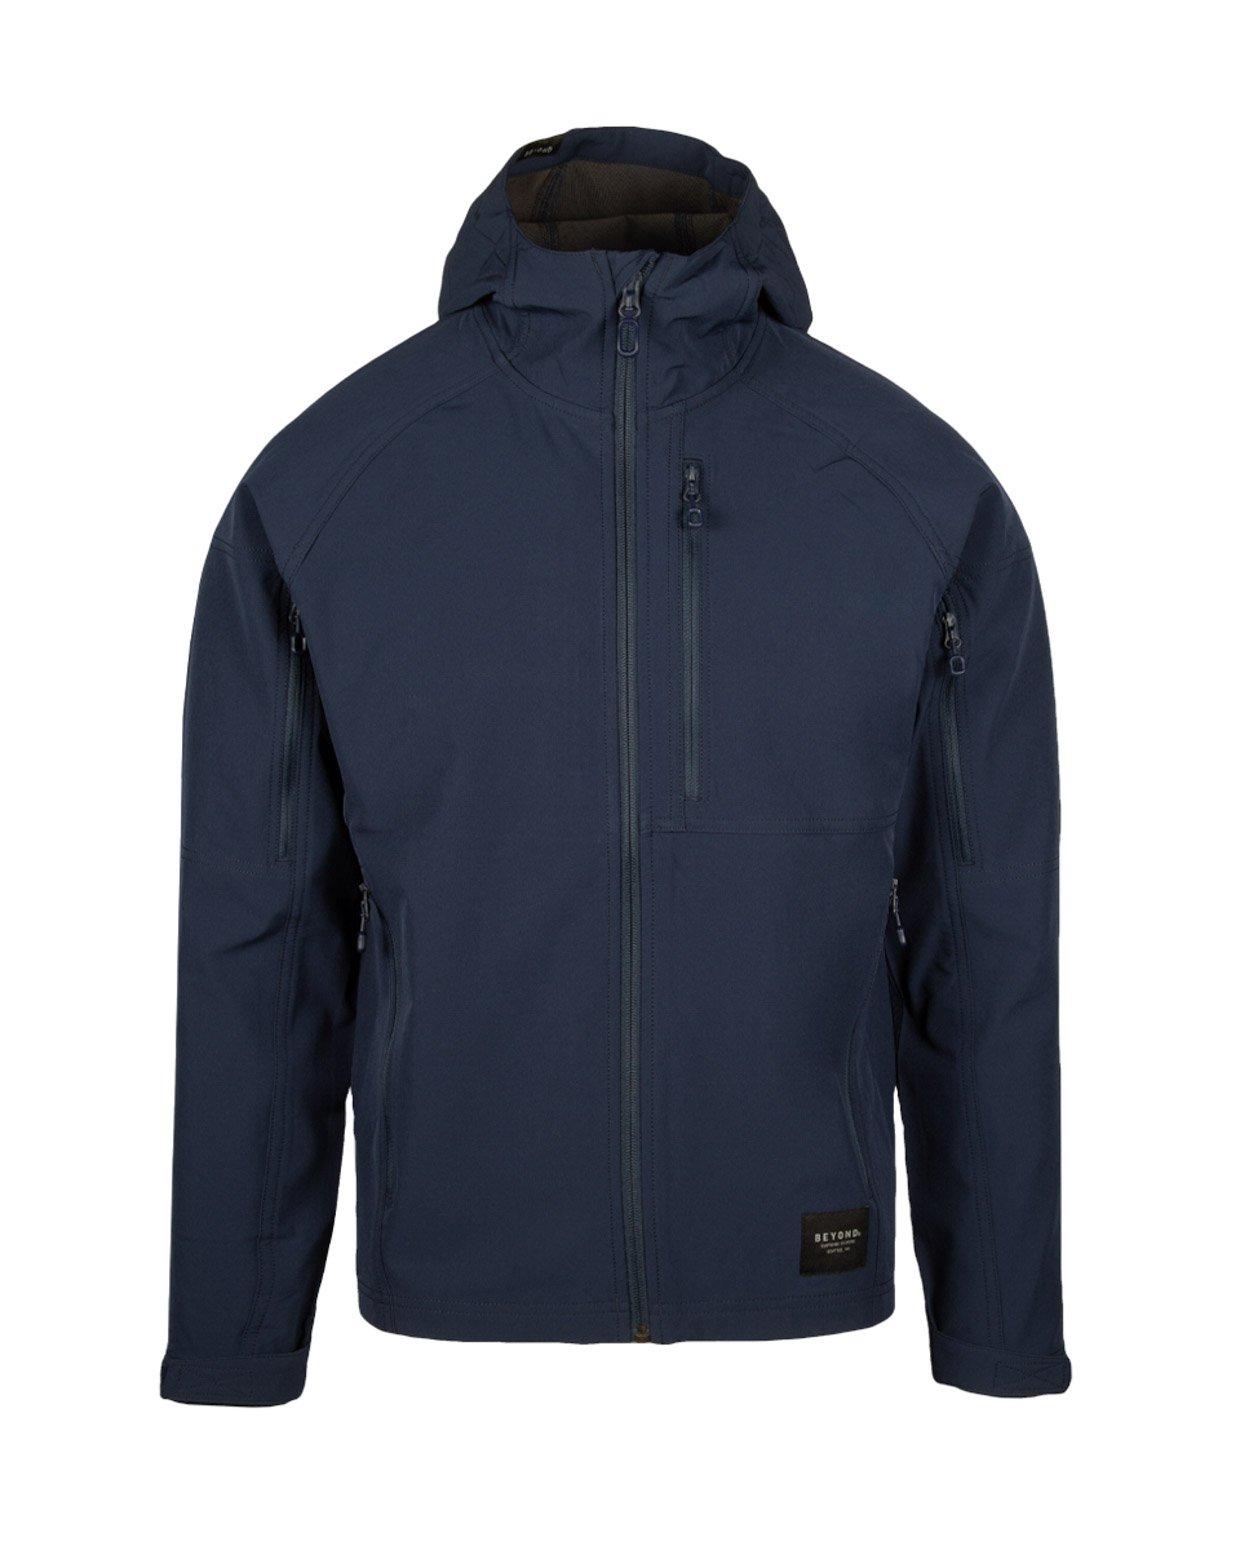 Beyond Clothing K5 Modus Jacket